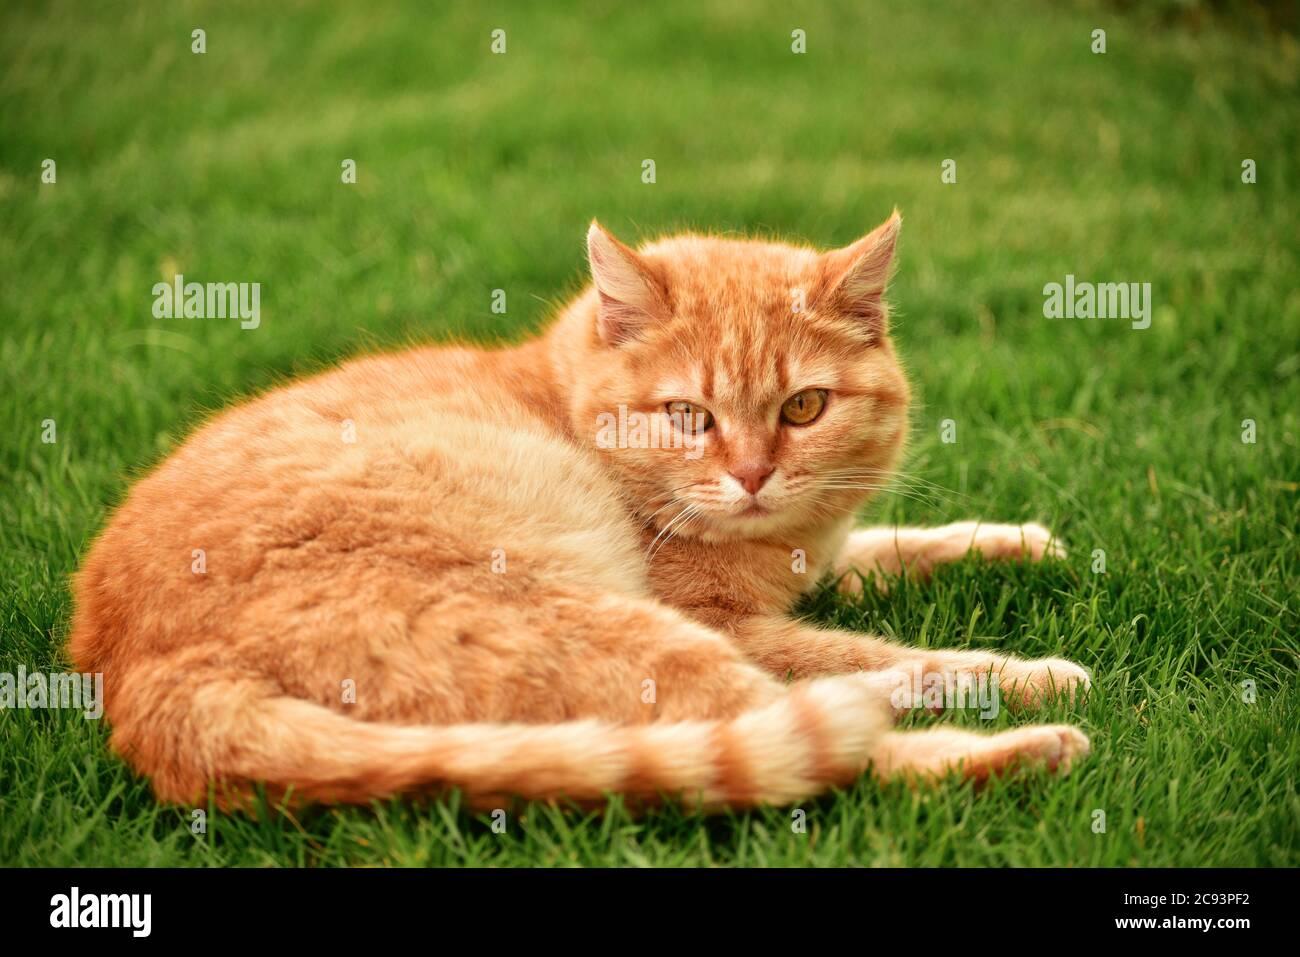 ginger gato en el jardín. Ginger gato en la hierba. Foto de stock